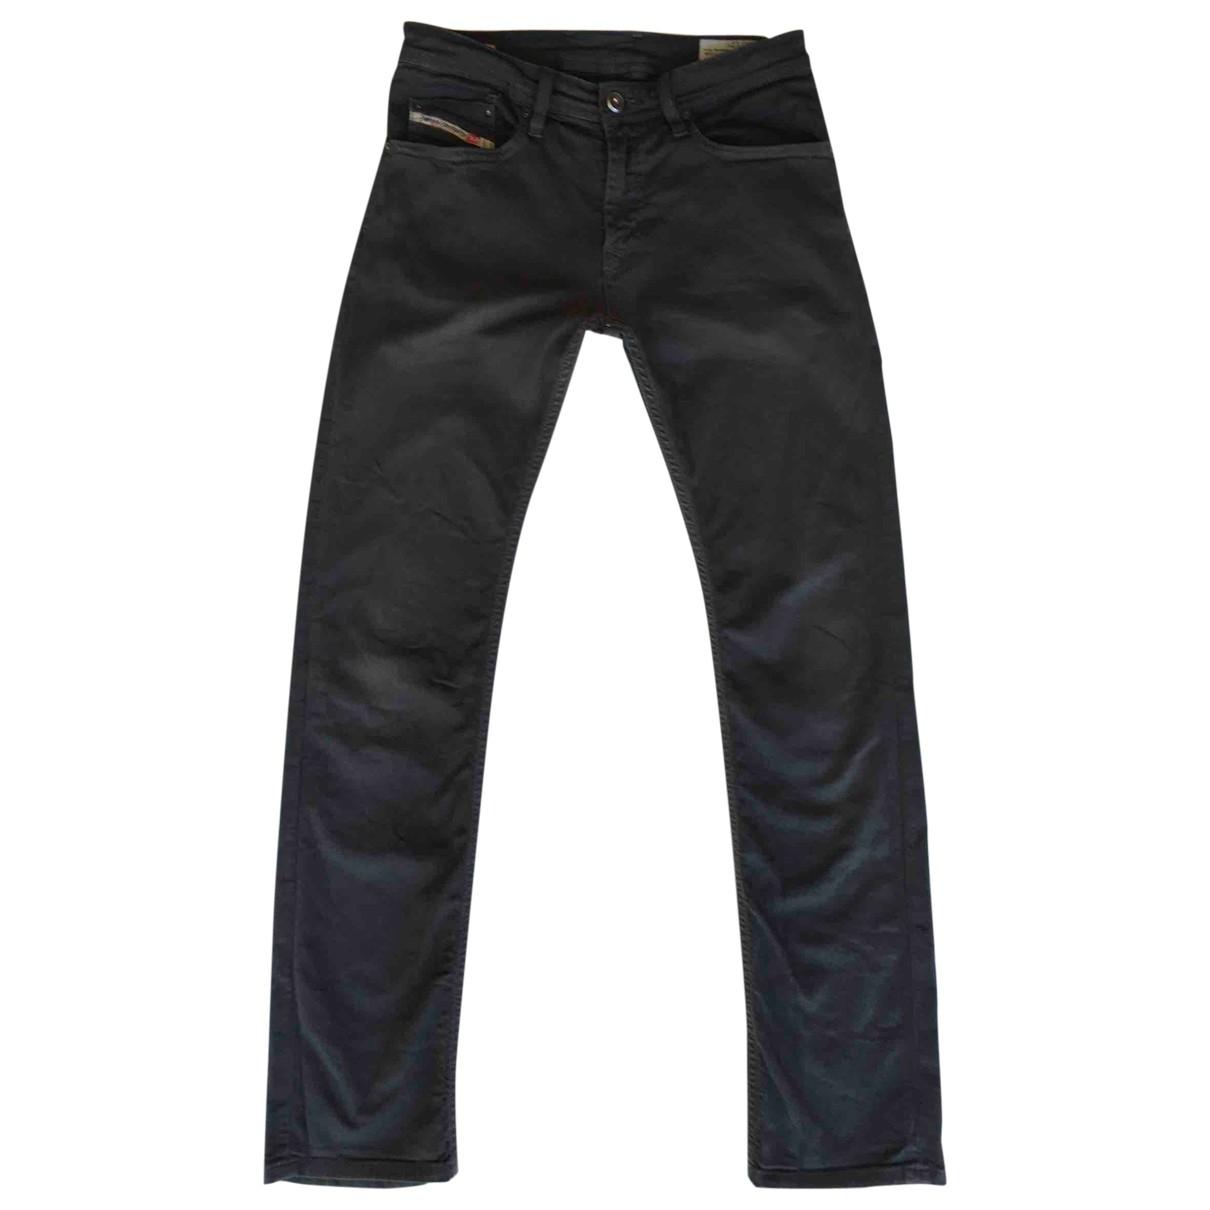 Diesel \N Grey Denim - Jeans Trousers for Kids 12 years - XS FR